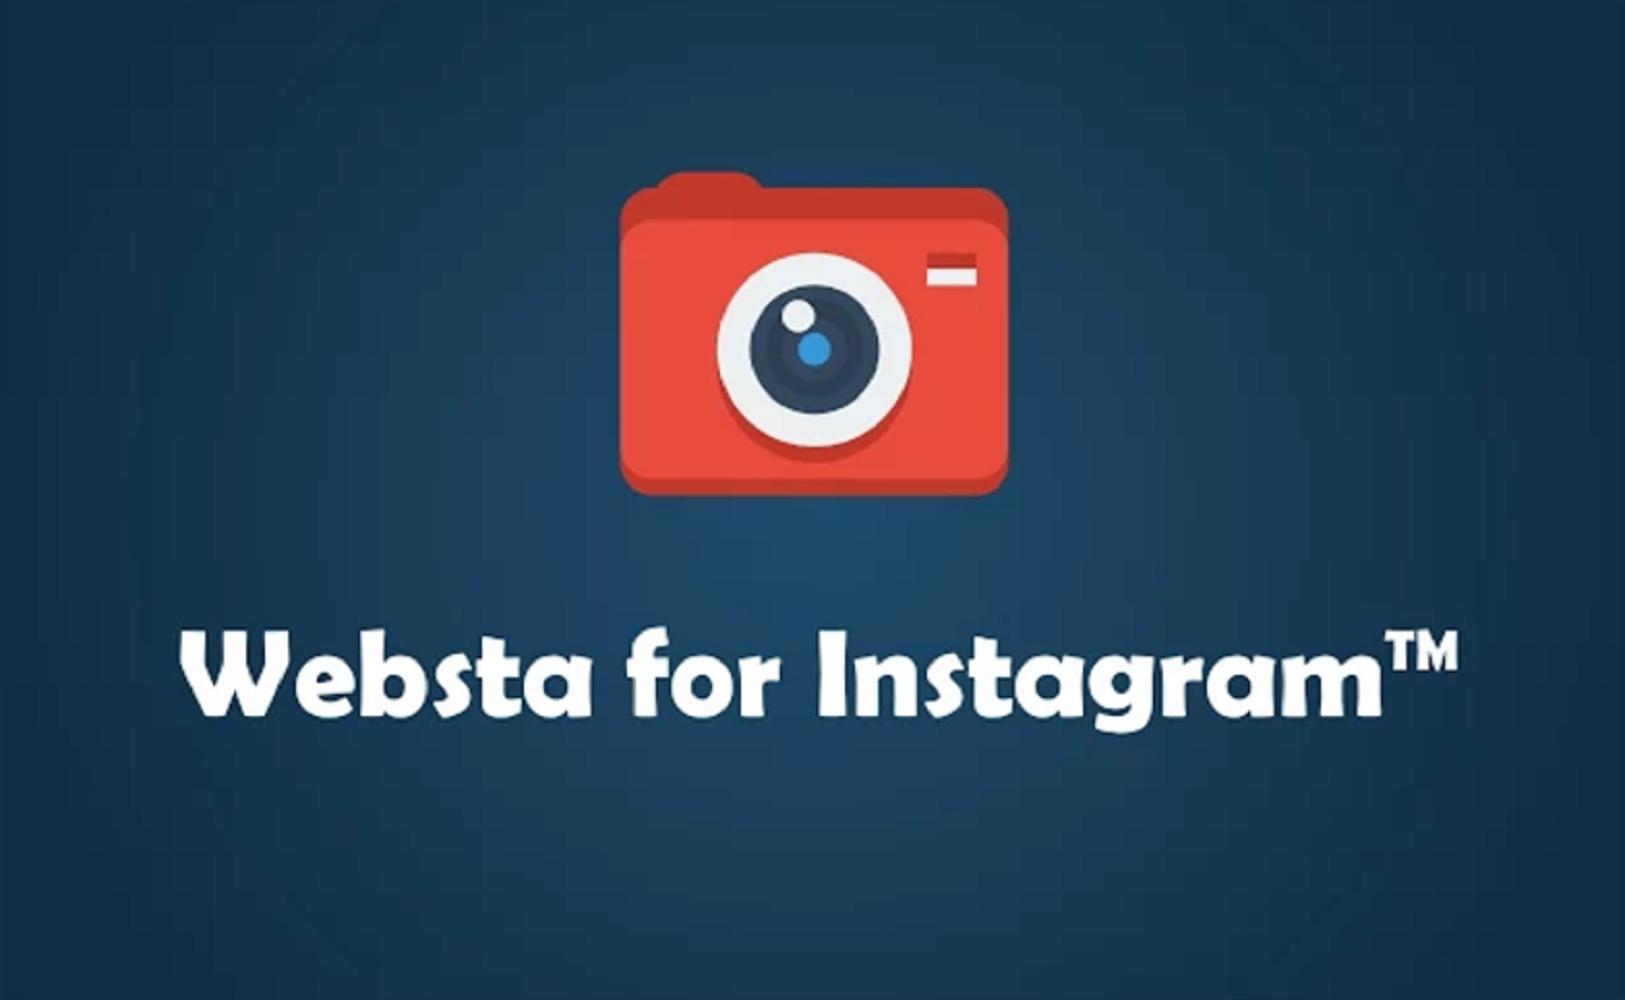 Publique fotografias no Instagram a partir do computador